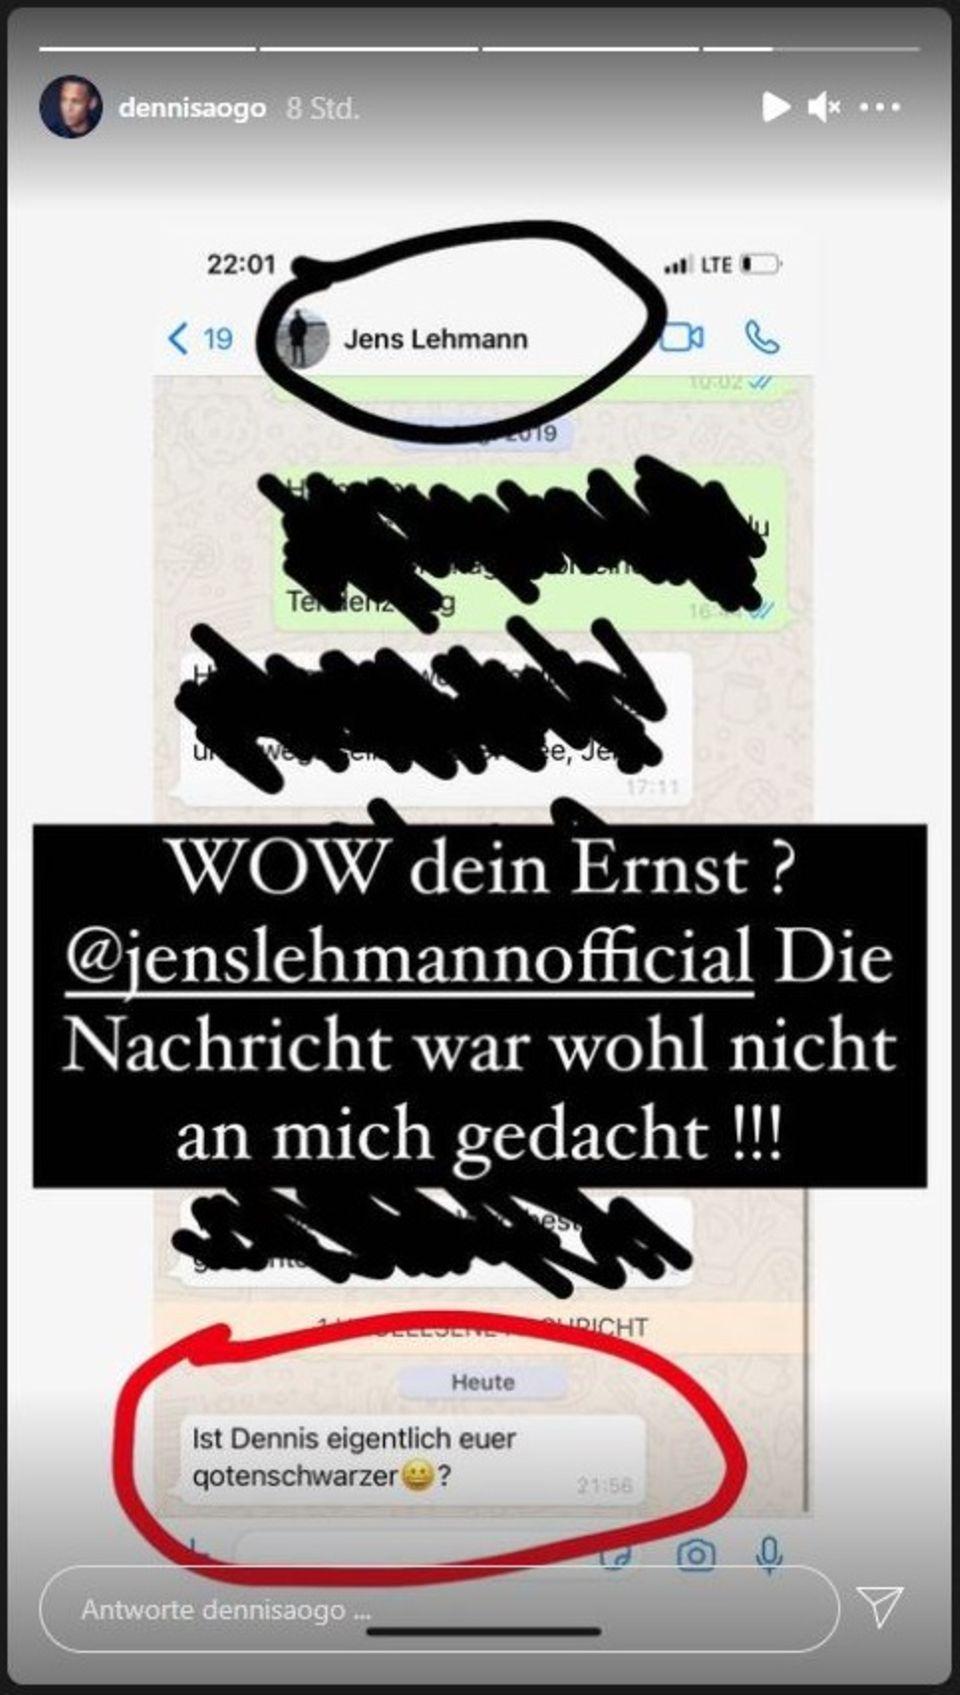 Screenshot der Nachricht von Jens Lehmann an Dennis Aogo